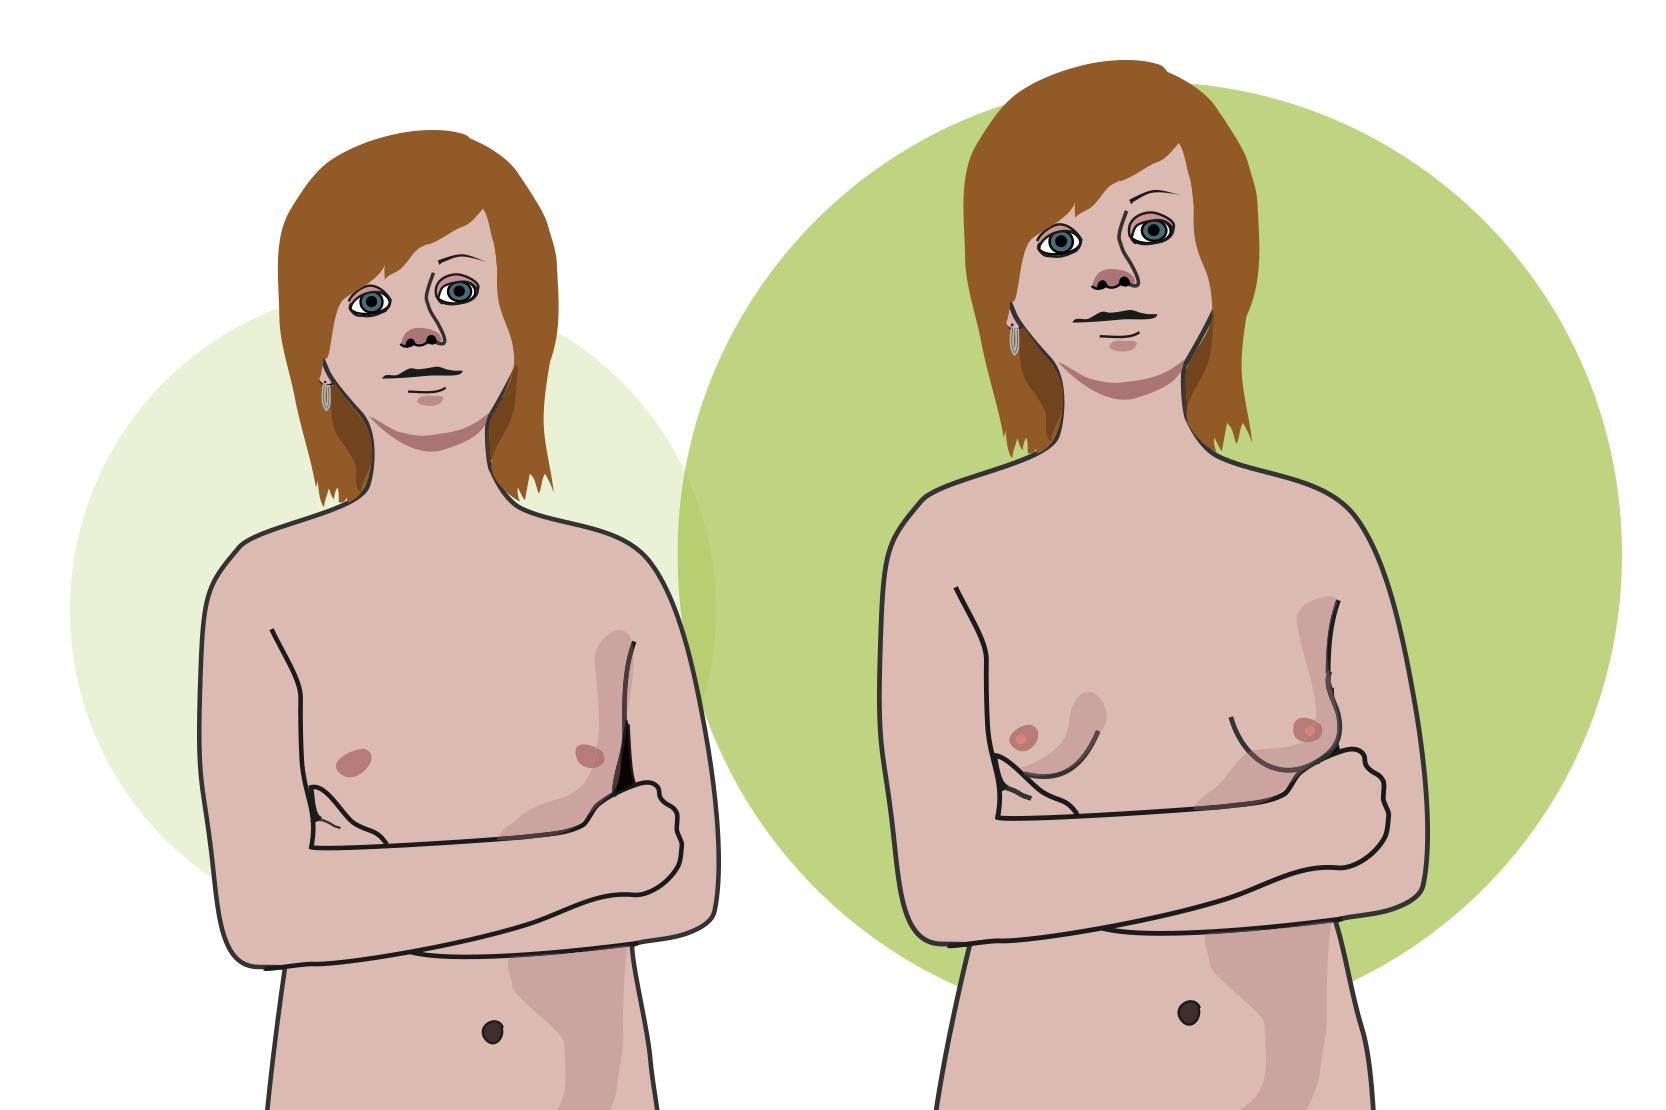 ömma bröst en vecka innan mens